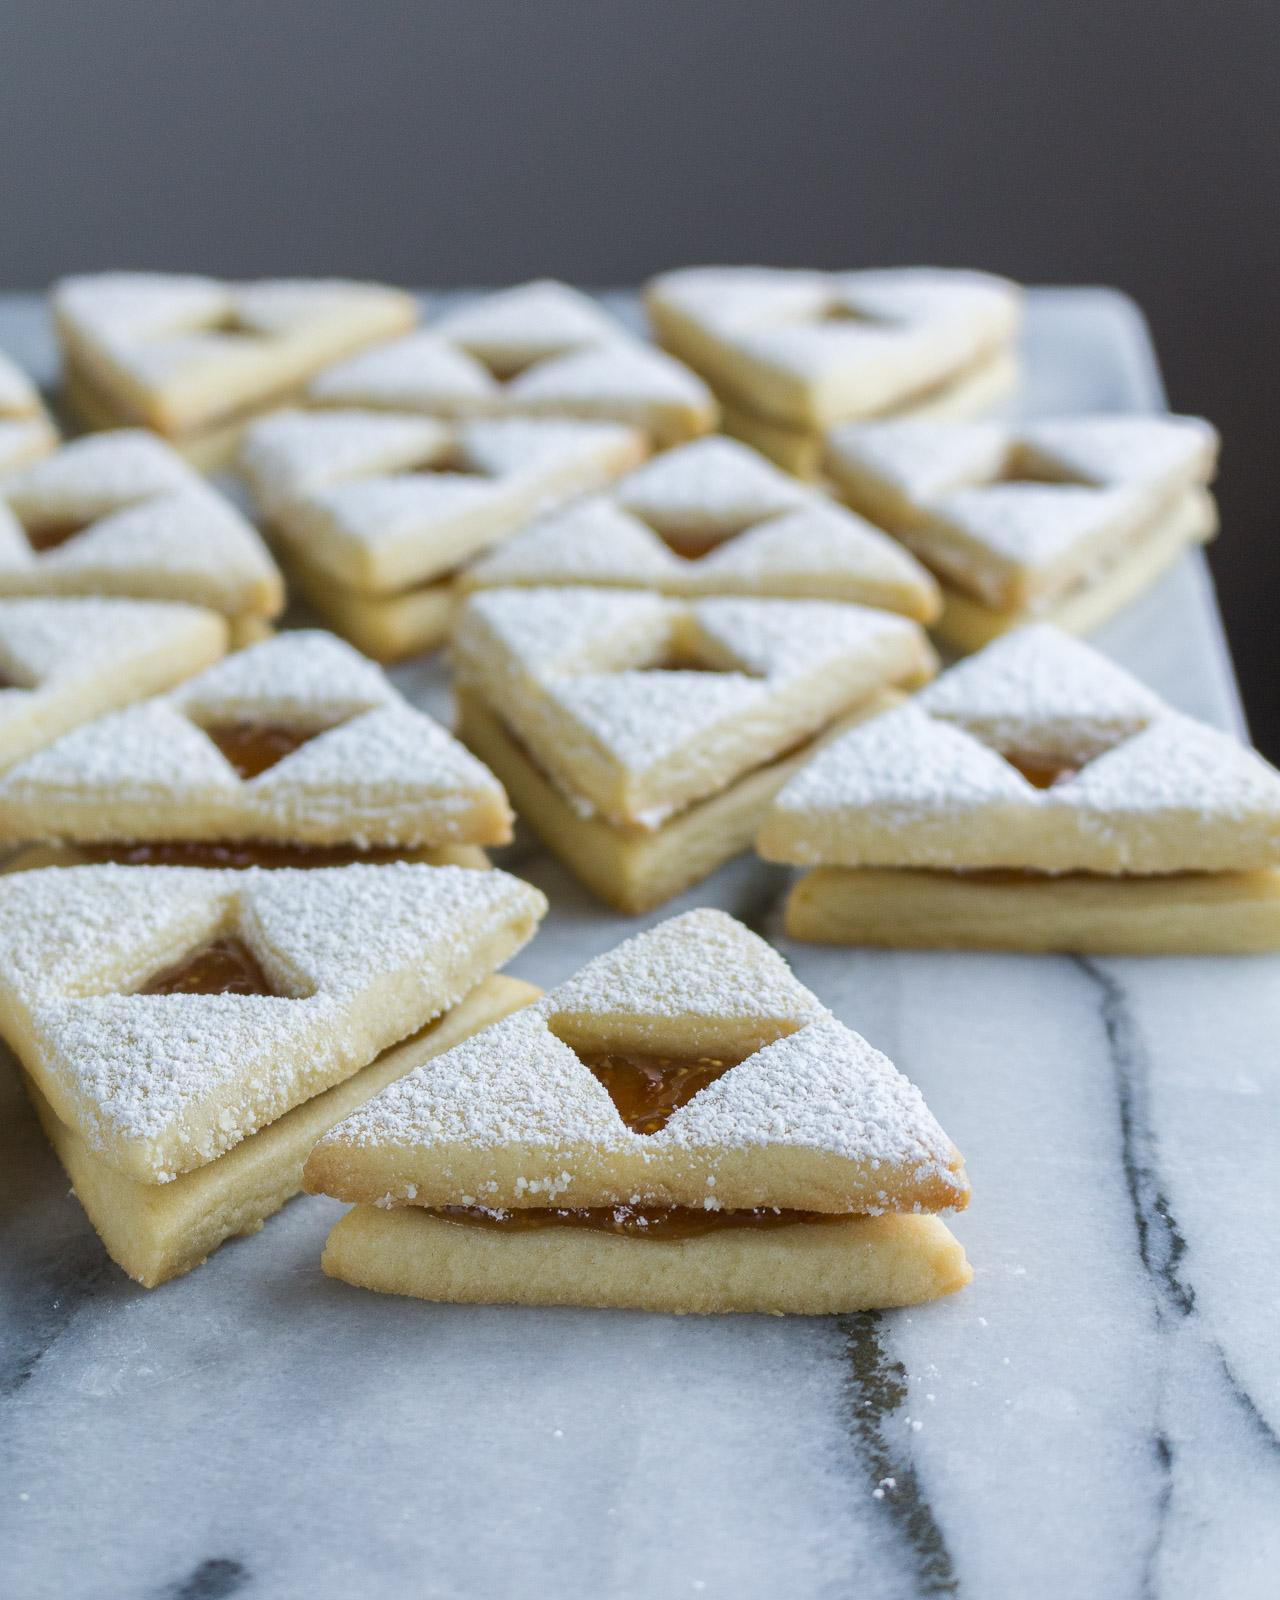 triforce-linzer-cookies-10.jpg